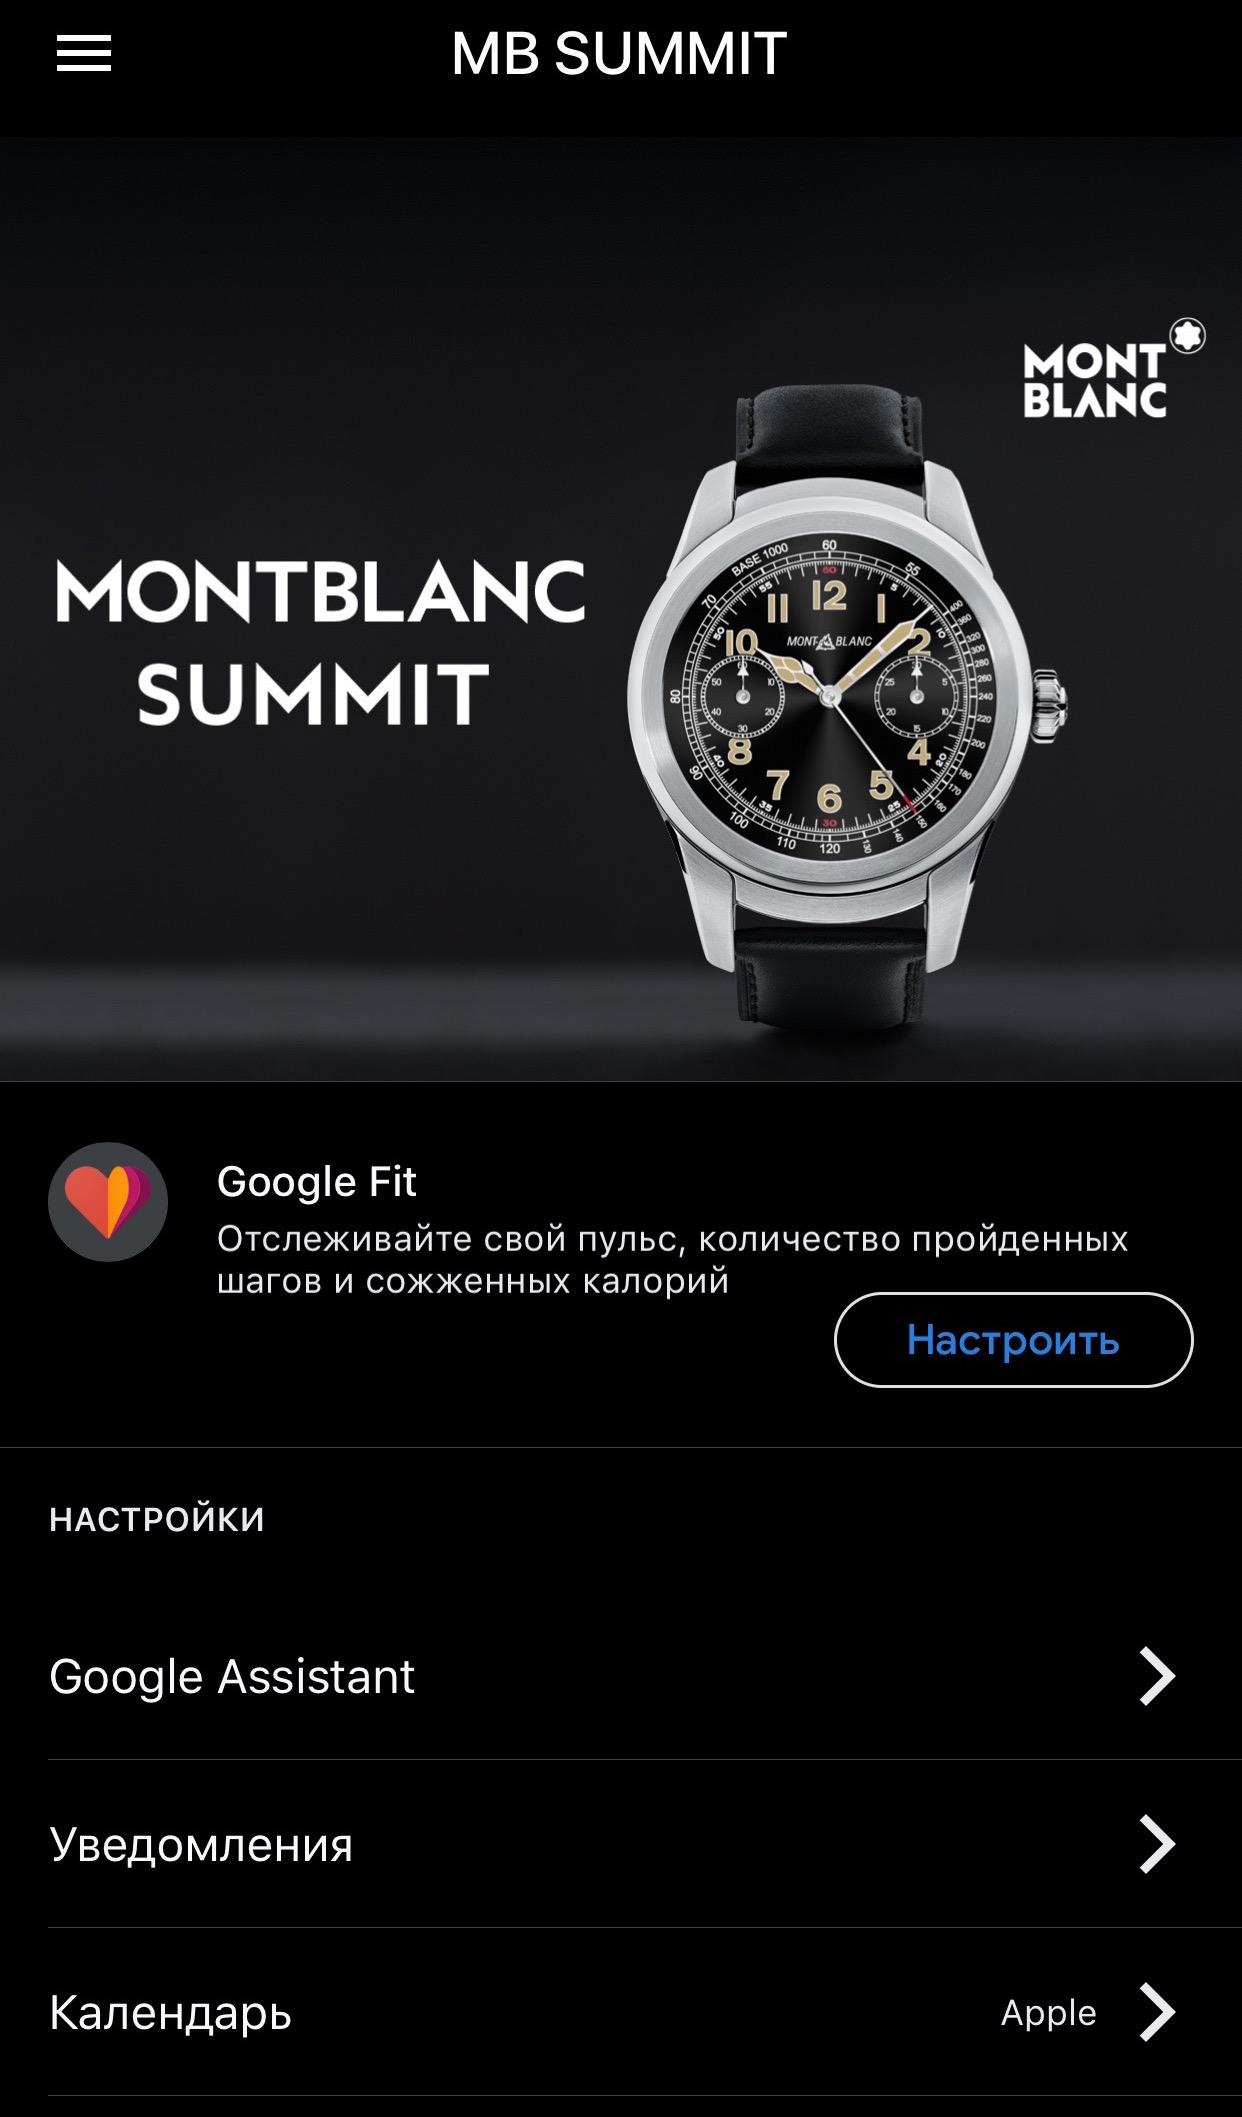 Обзор Montblanc Summit — умные часы премиум-класса с лучшей ценой в категории - 28